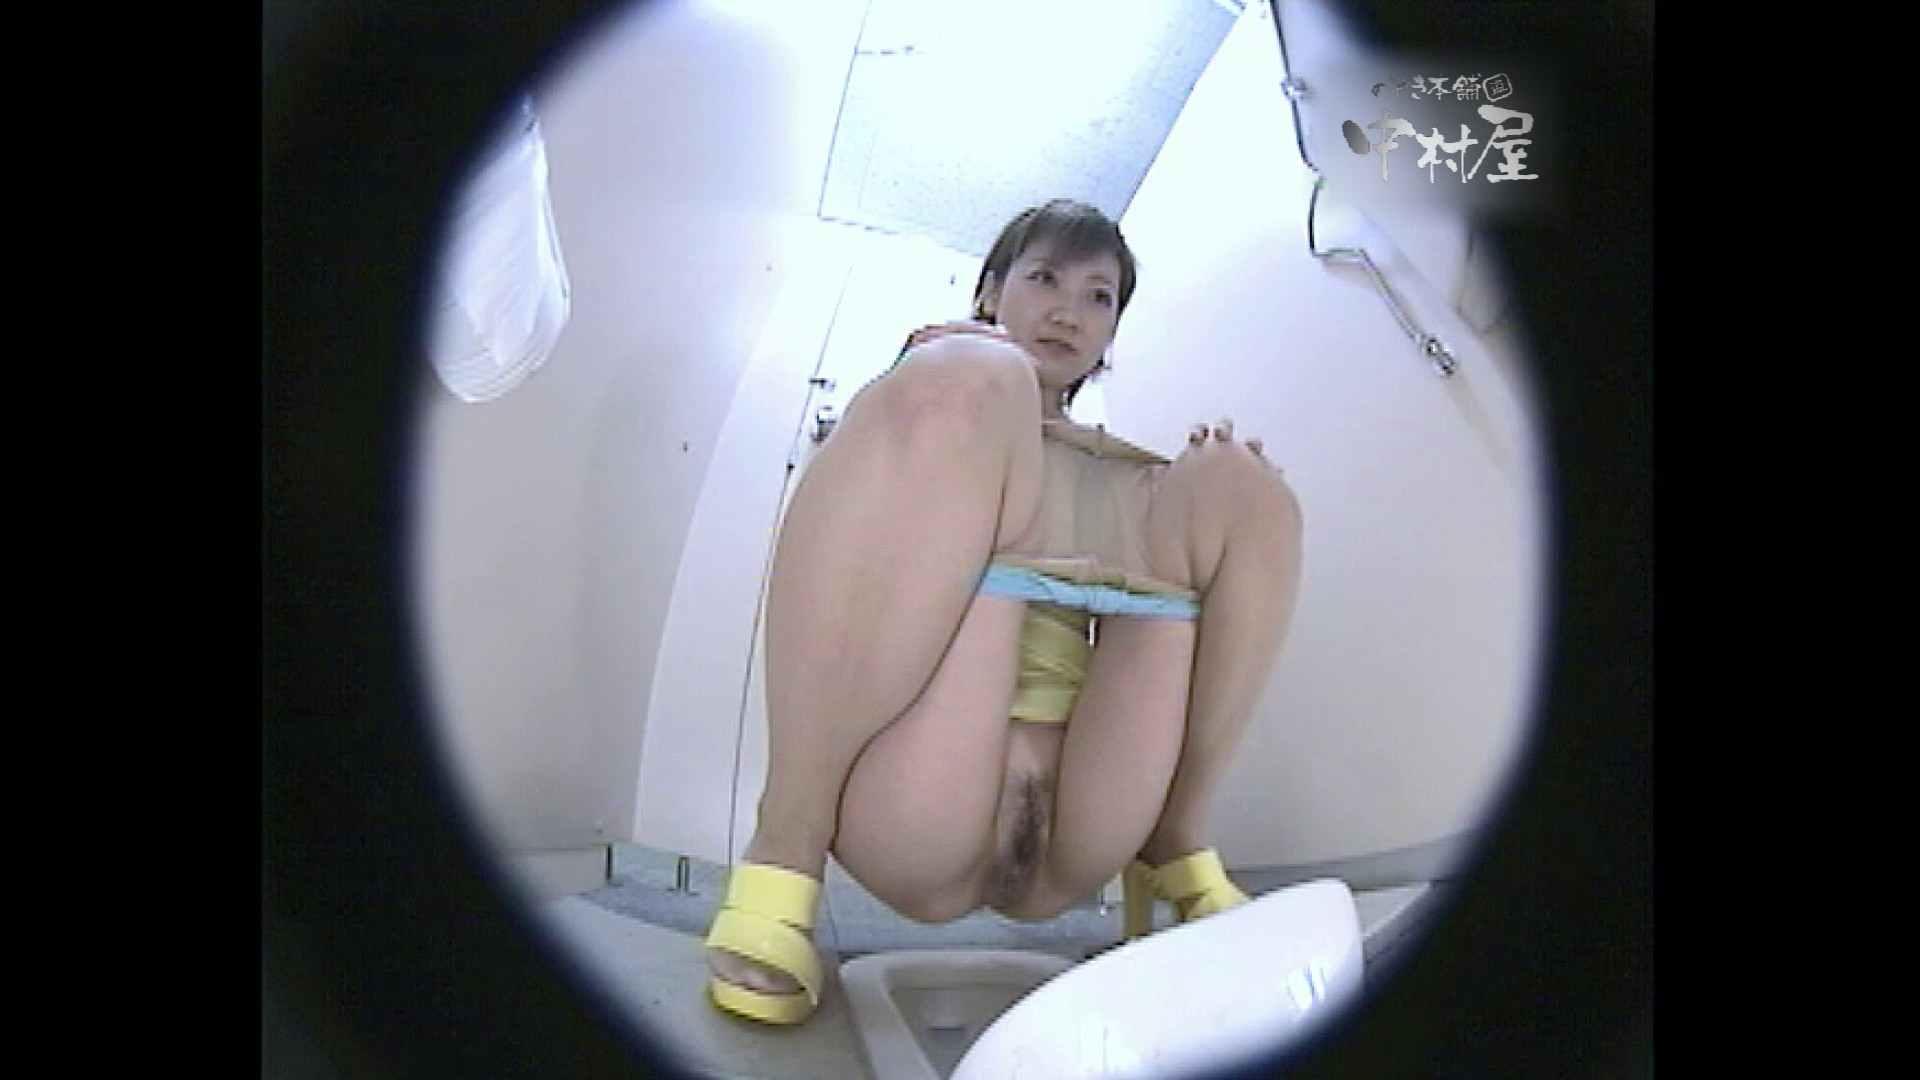 レースクィーントイレ盗撮!Vol.21 肛門から・・ アダルト動画キャプチャ 54枚